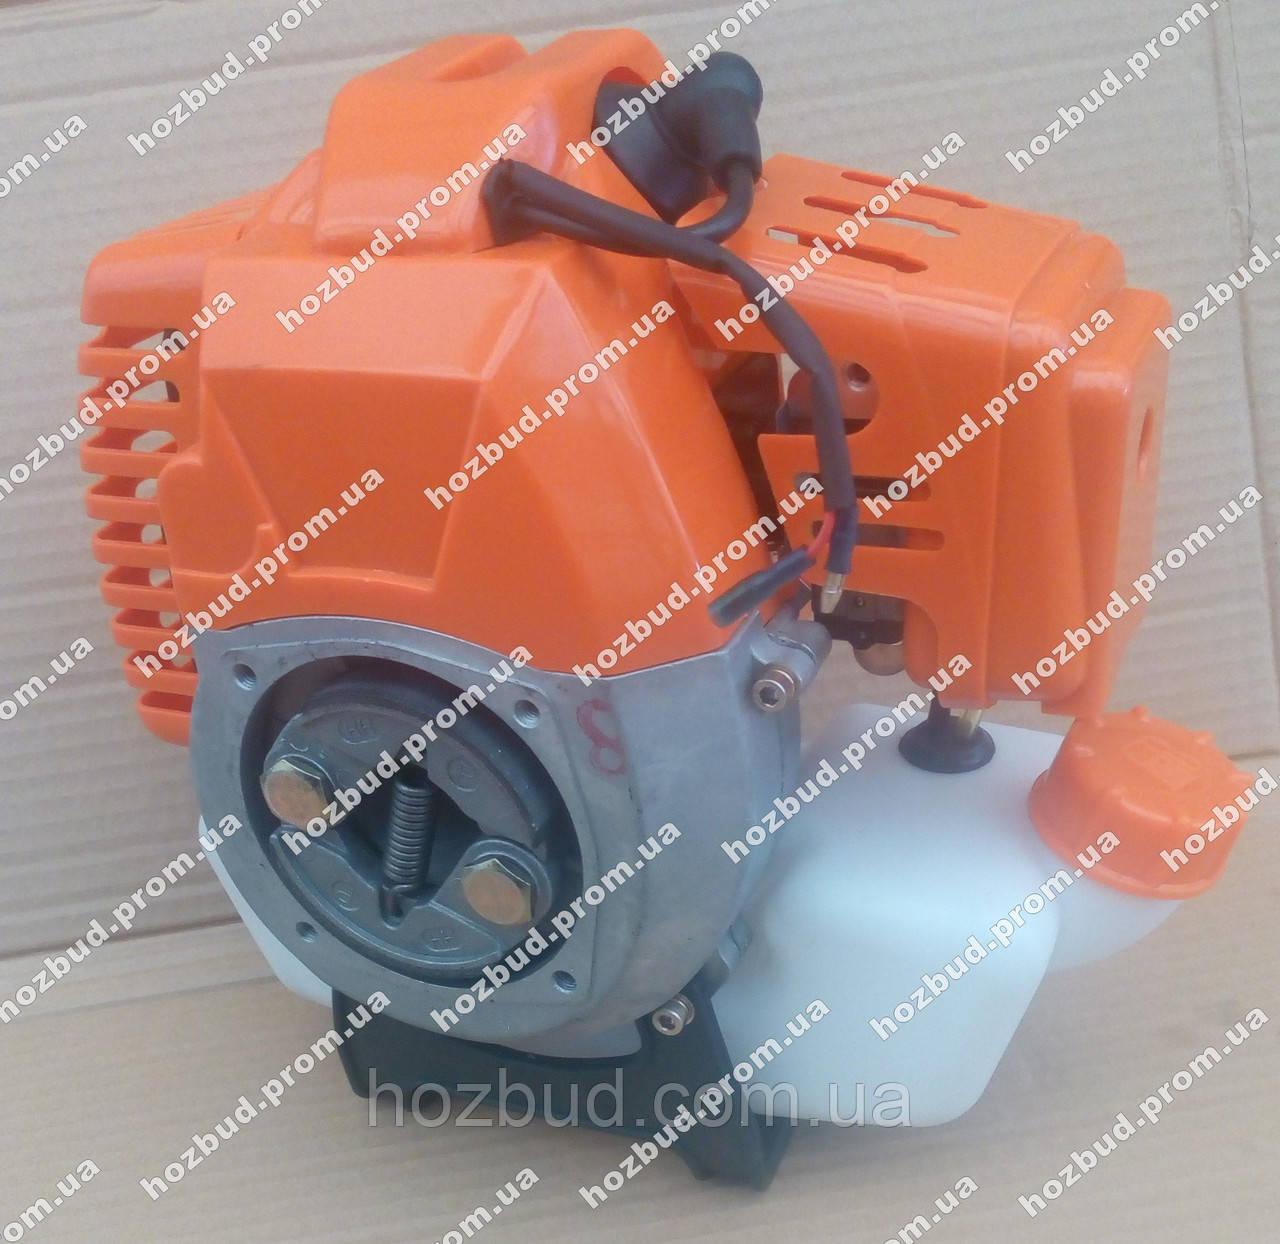 Двигун на бензокосу